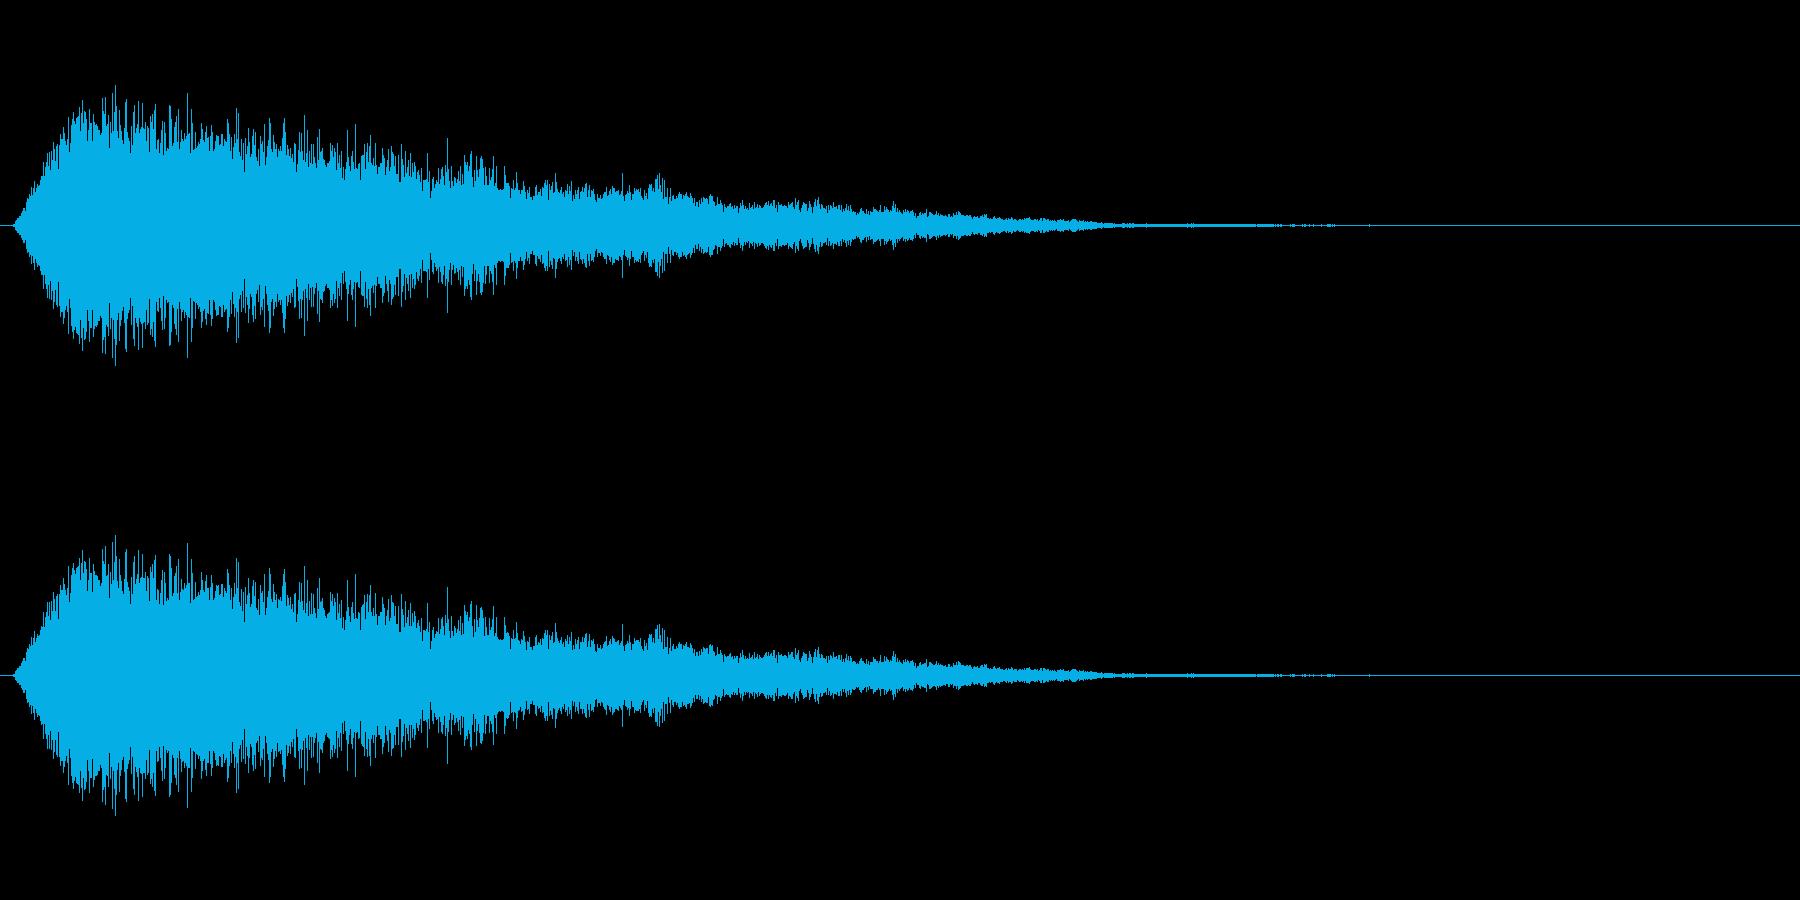 詠唱(詠唱者が輝く)の再生済みの波形